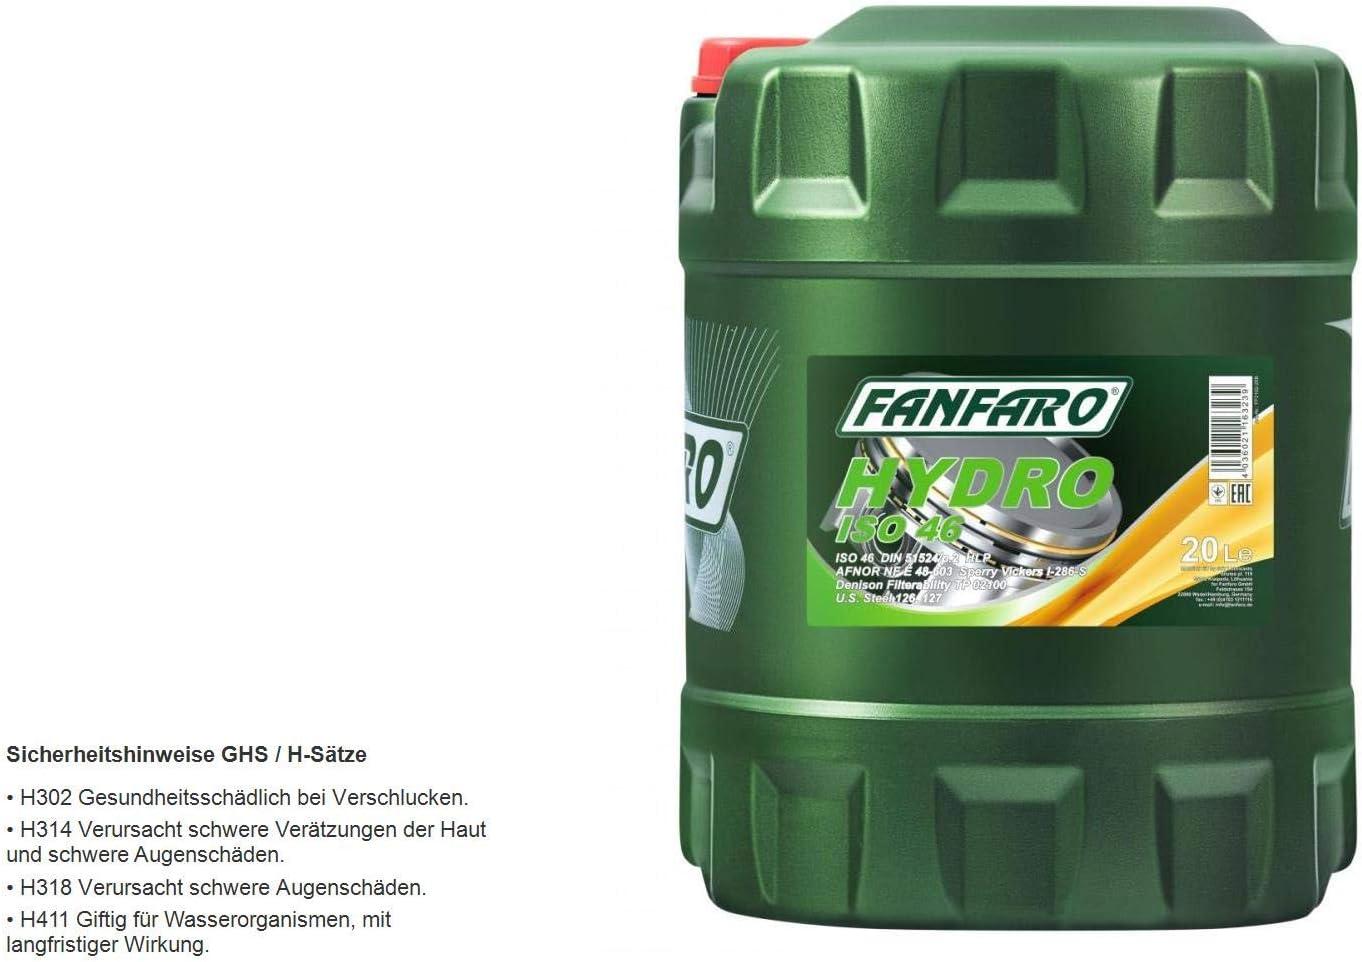 1 X 20 L Fanfaro Hydro Iso Vg 46 Hydraulic Oil Hlp Auto